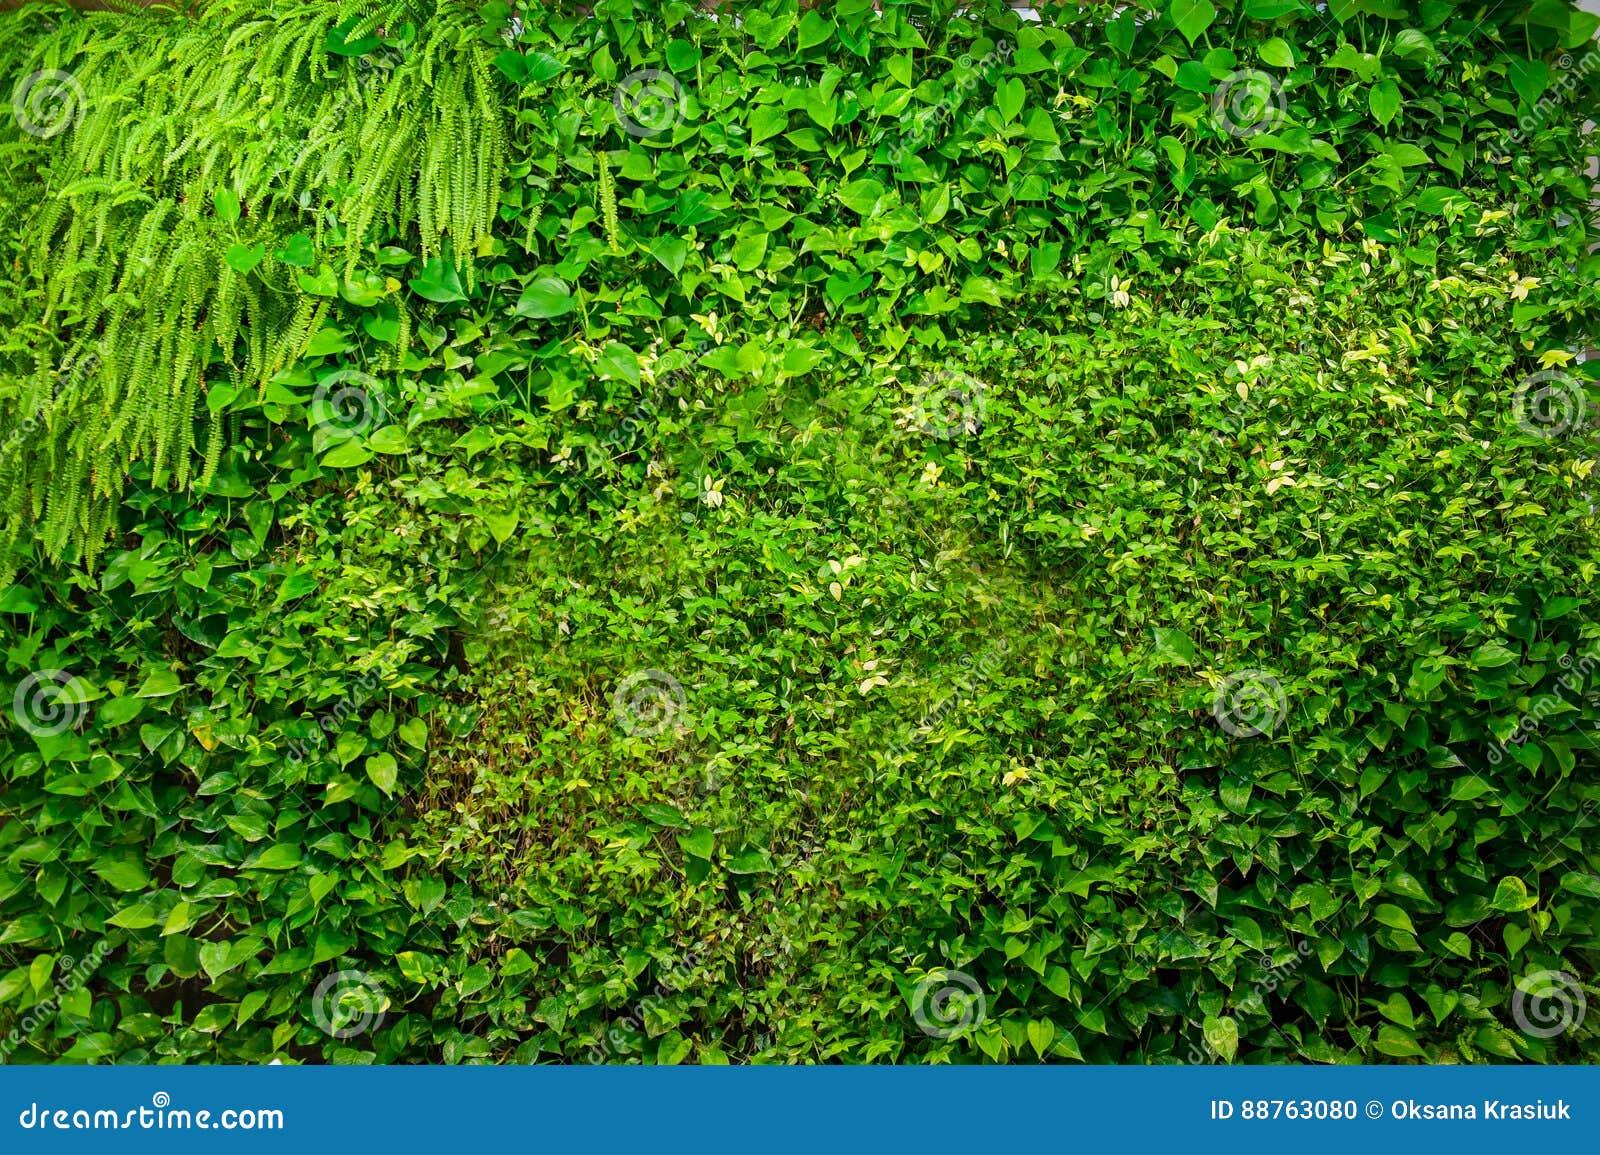 Grüne Wand Von Verschiedenen Laubwechselnden Pflanzen In